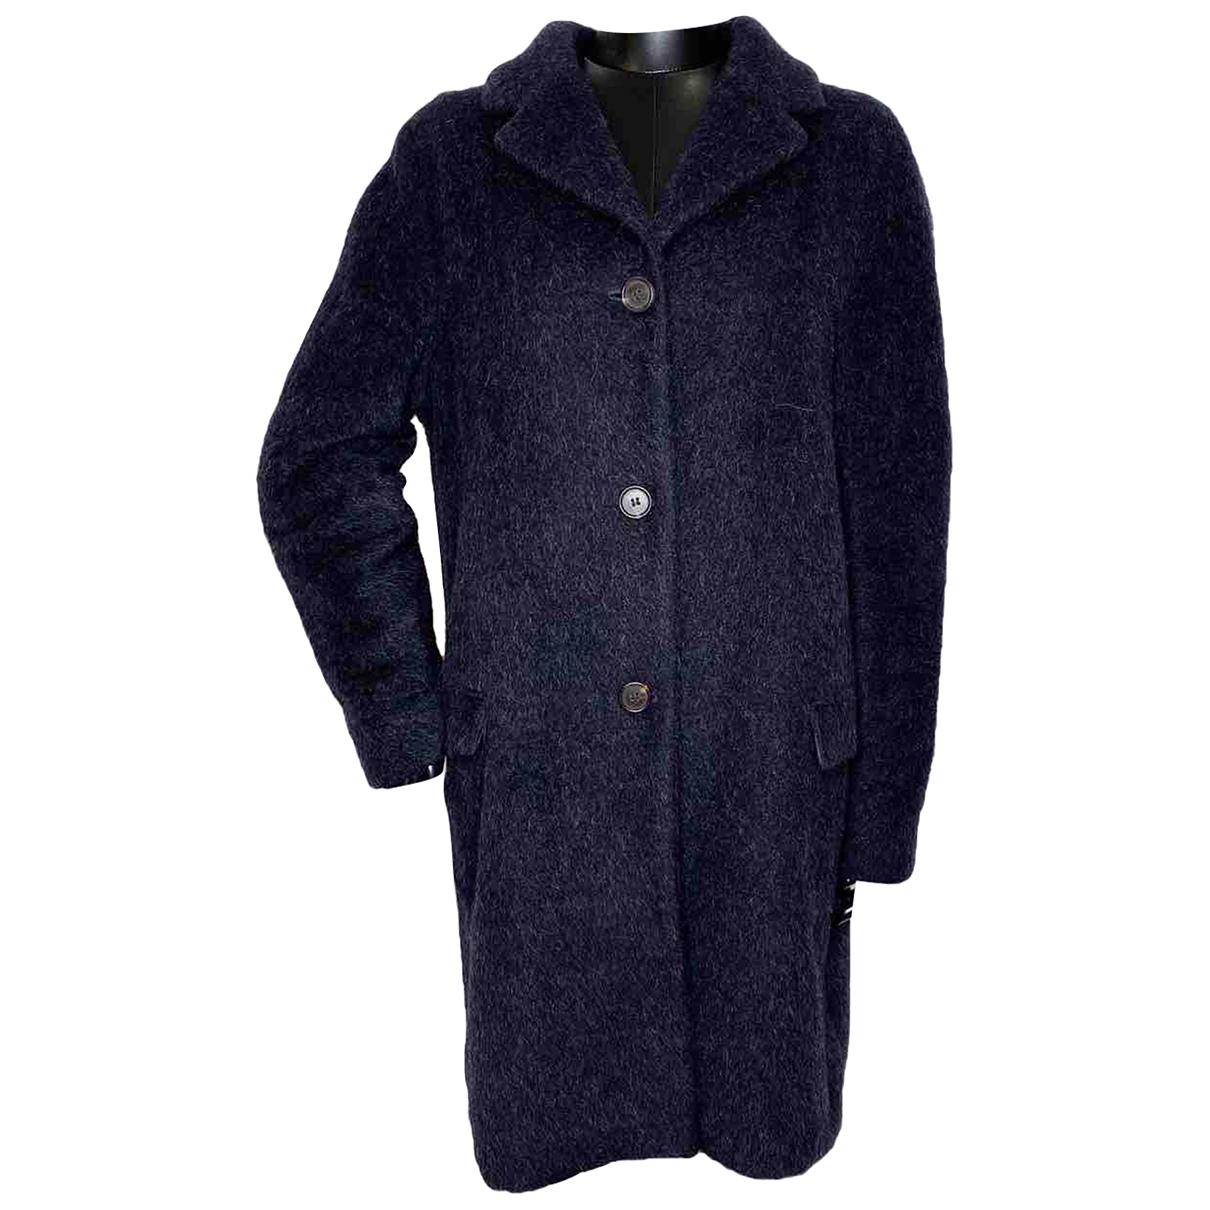 Max Mara s - Manteau   pour femme en laine - marine